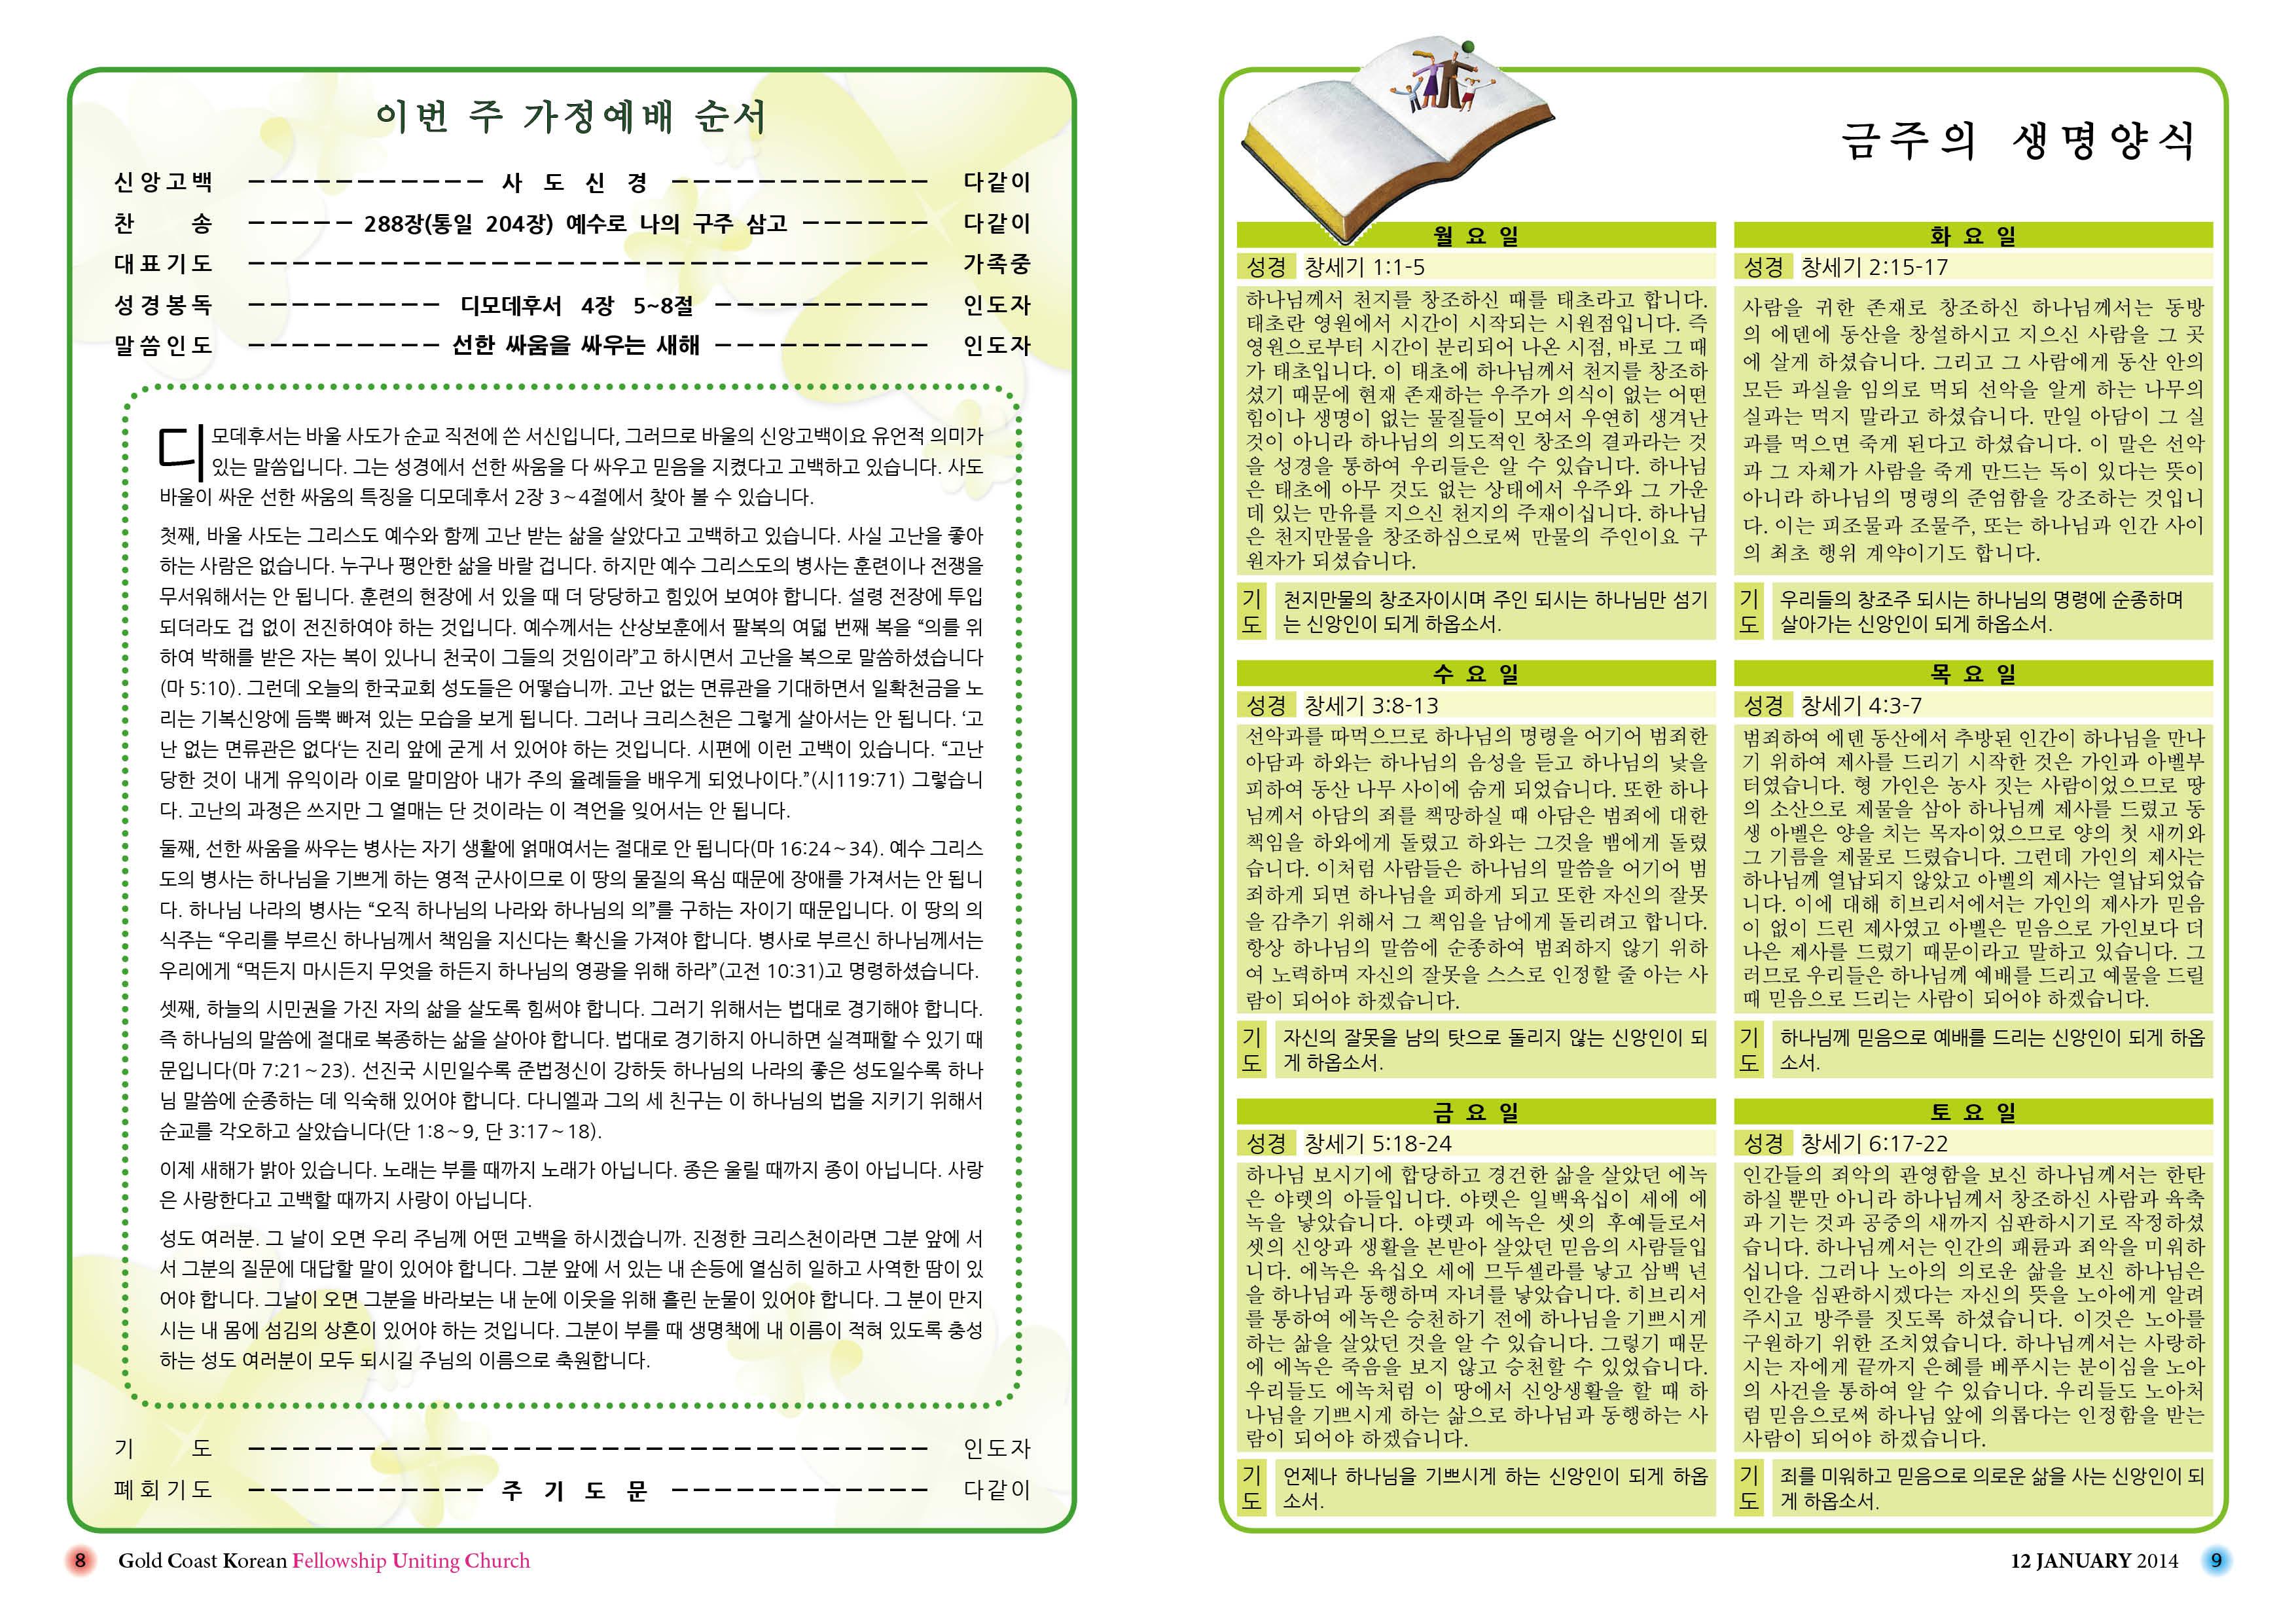 2014.01.12 주보 프린트(2차 수정)8.jpg